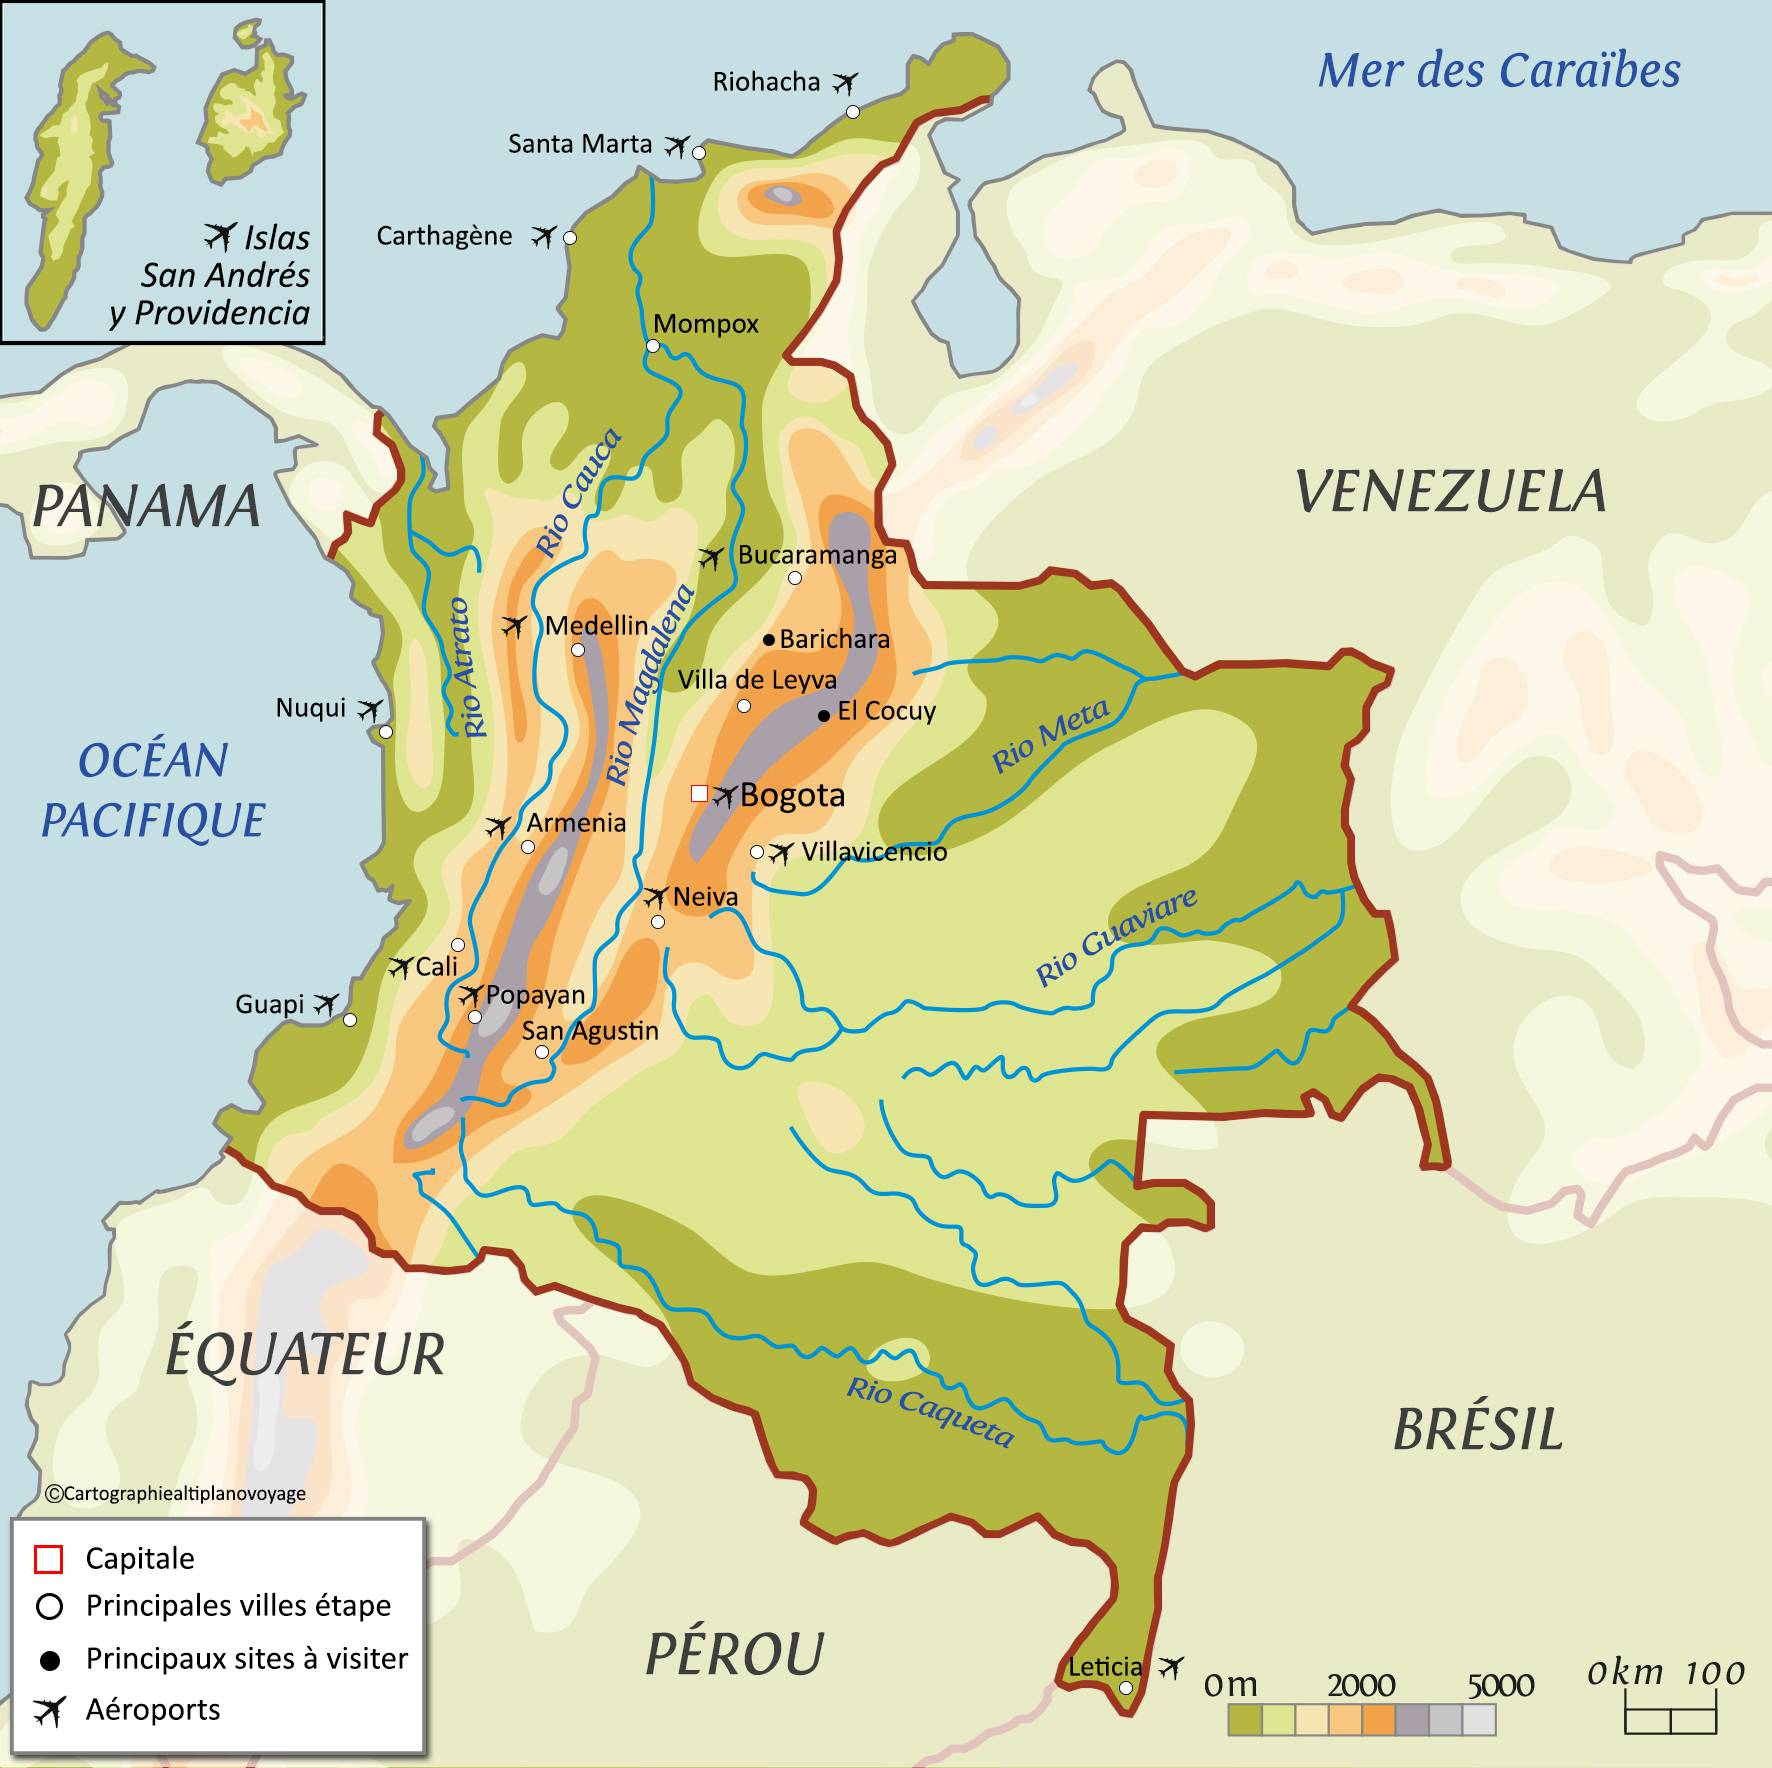 Carte des reliefs de la Colombie